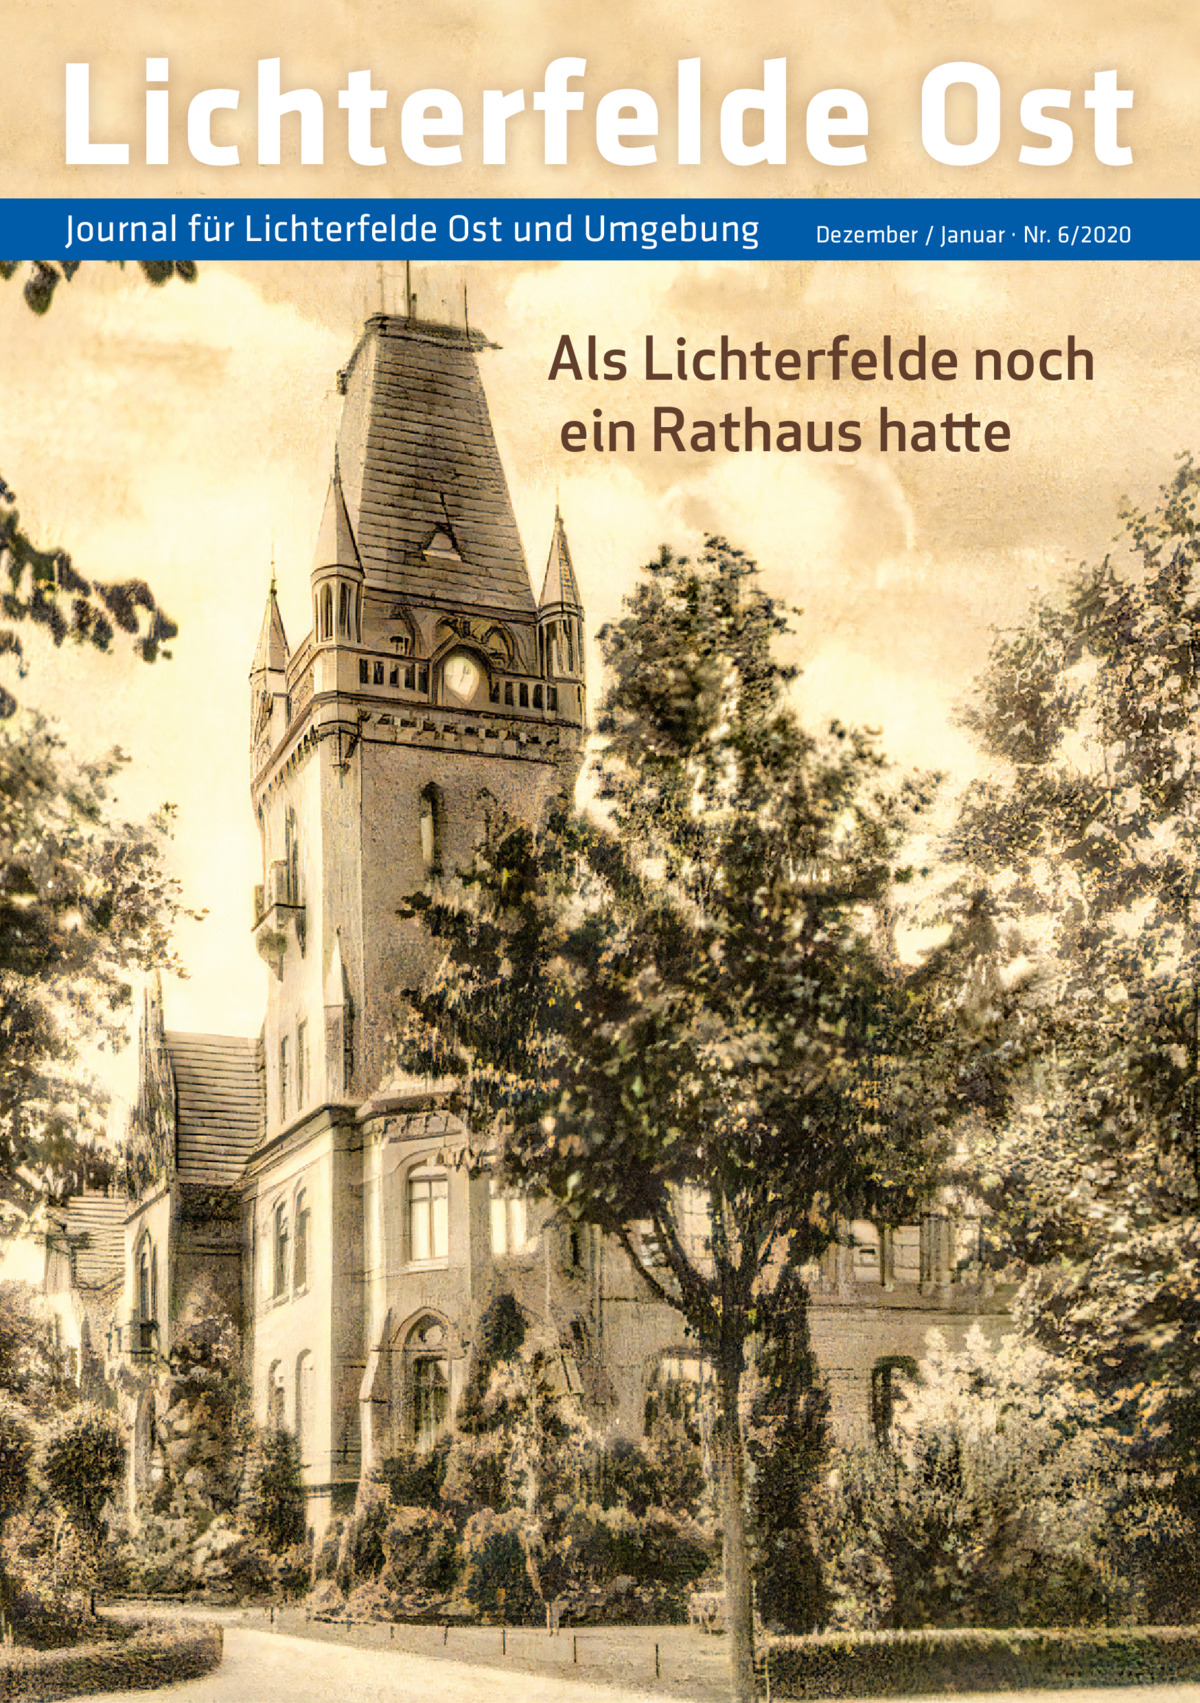 Lichterfelde Ost Journal für Lichterfelde Ost und Umgebung  Dezember / Januar · Nr. 6/2020  Als Lichterfelde noch ein Rathaus hatte